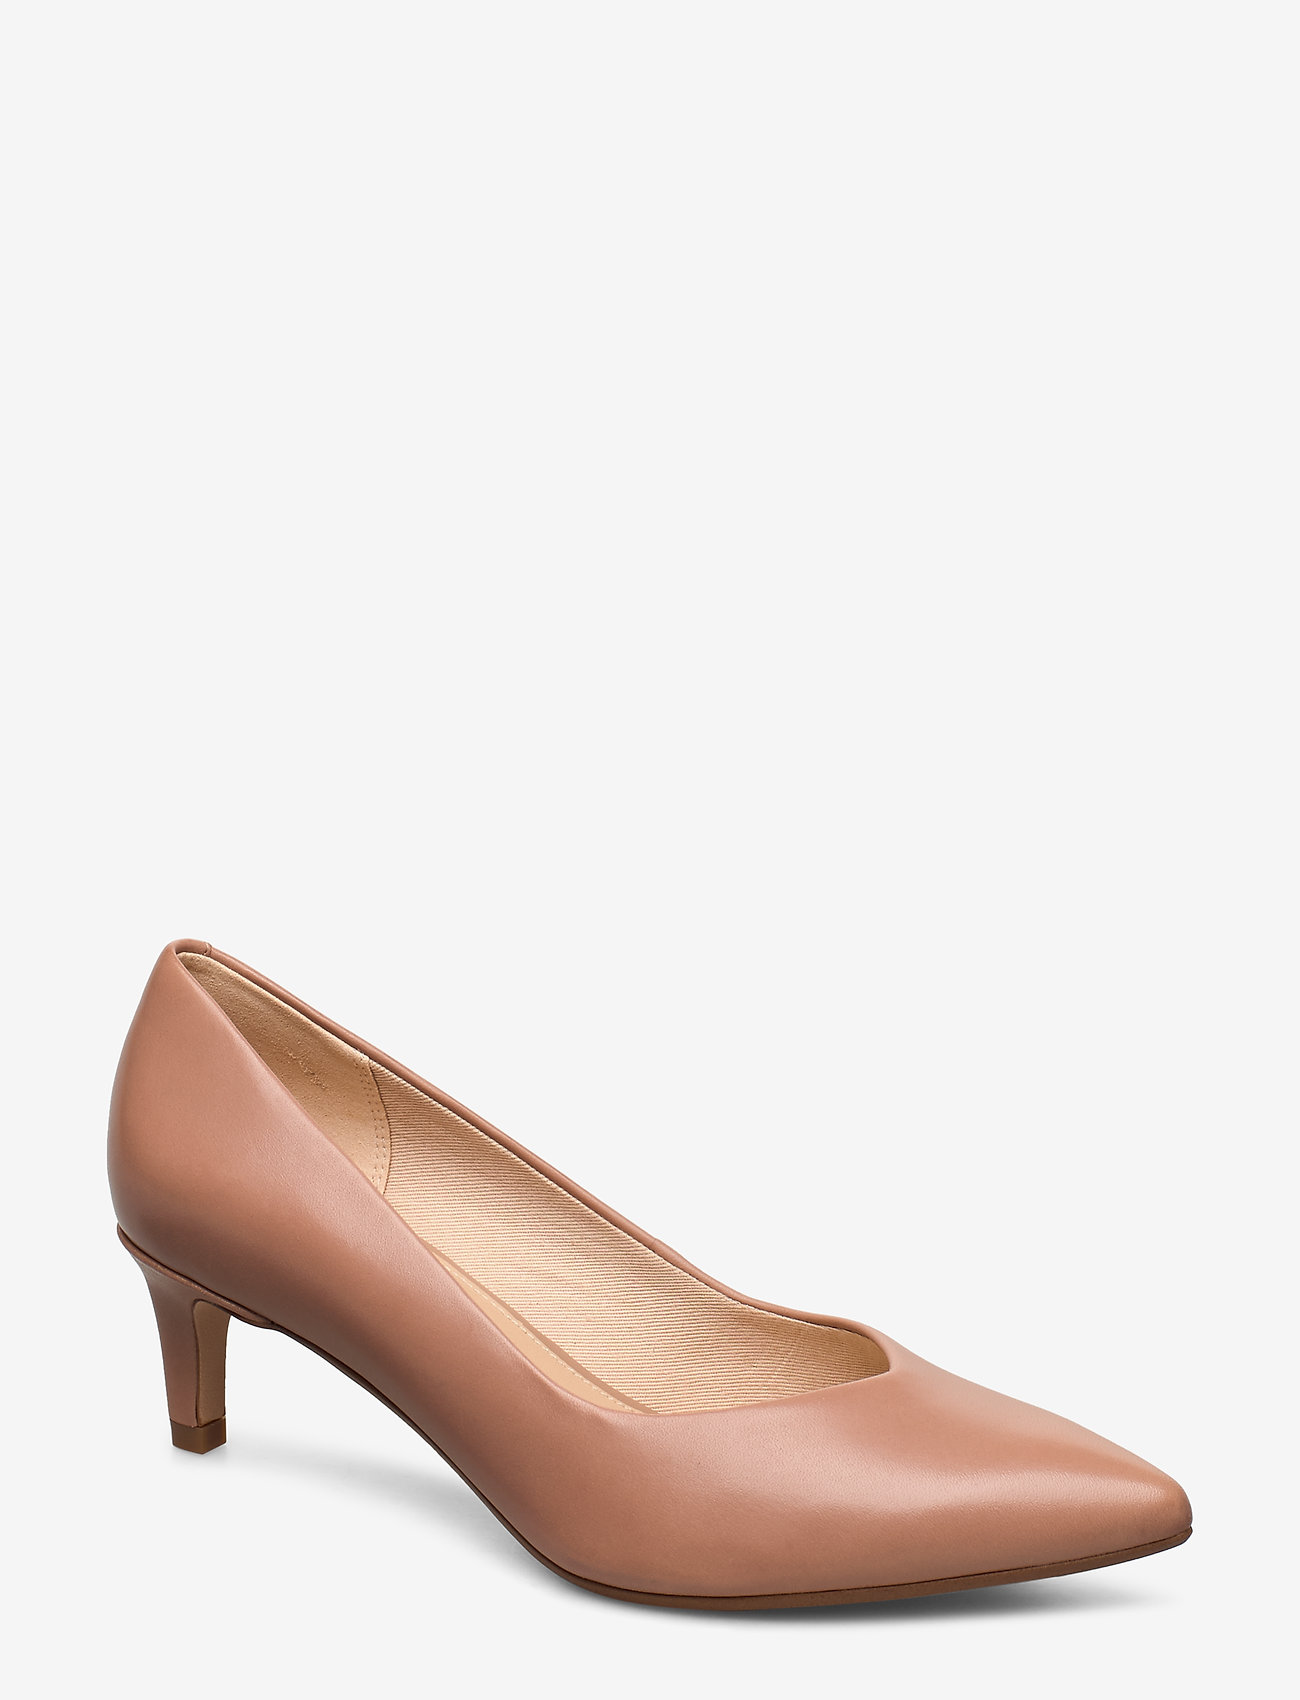 Clarks - Laina55 Court - escarpins classiques - praline leather - 0